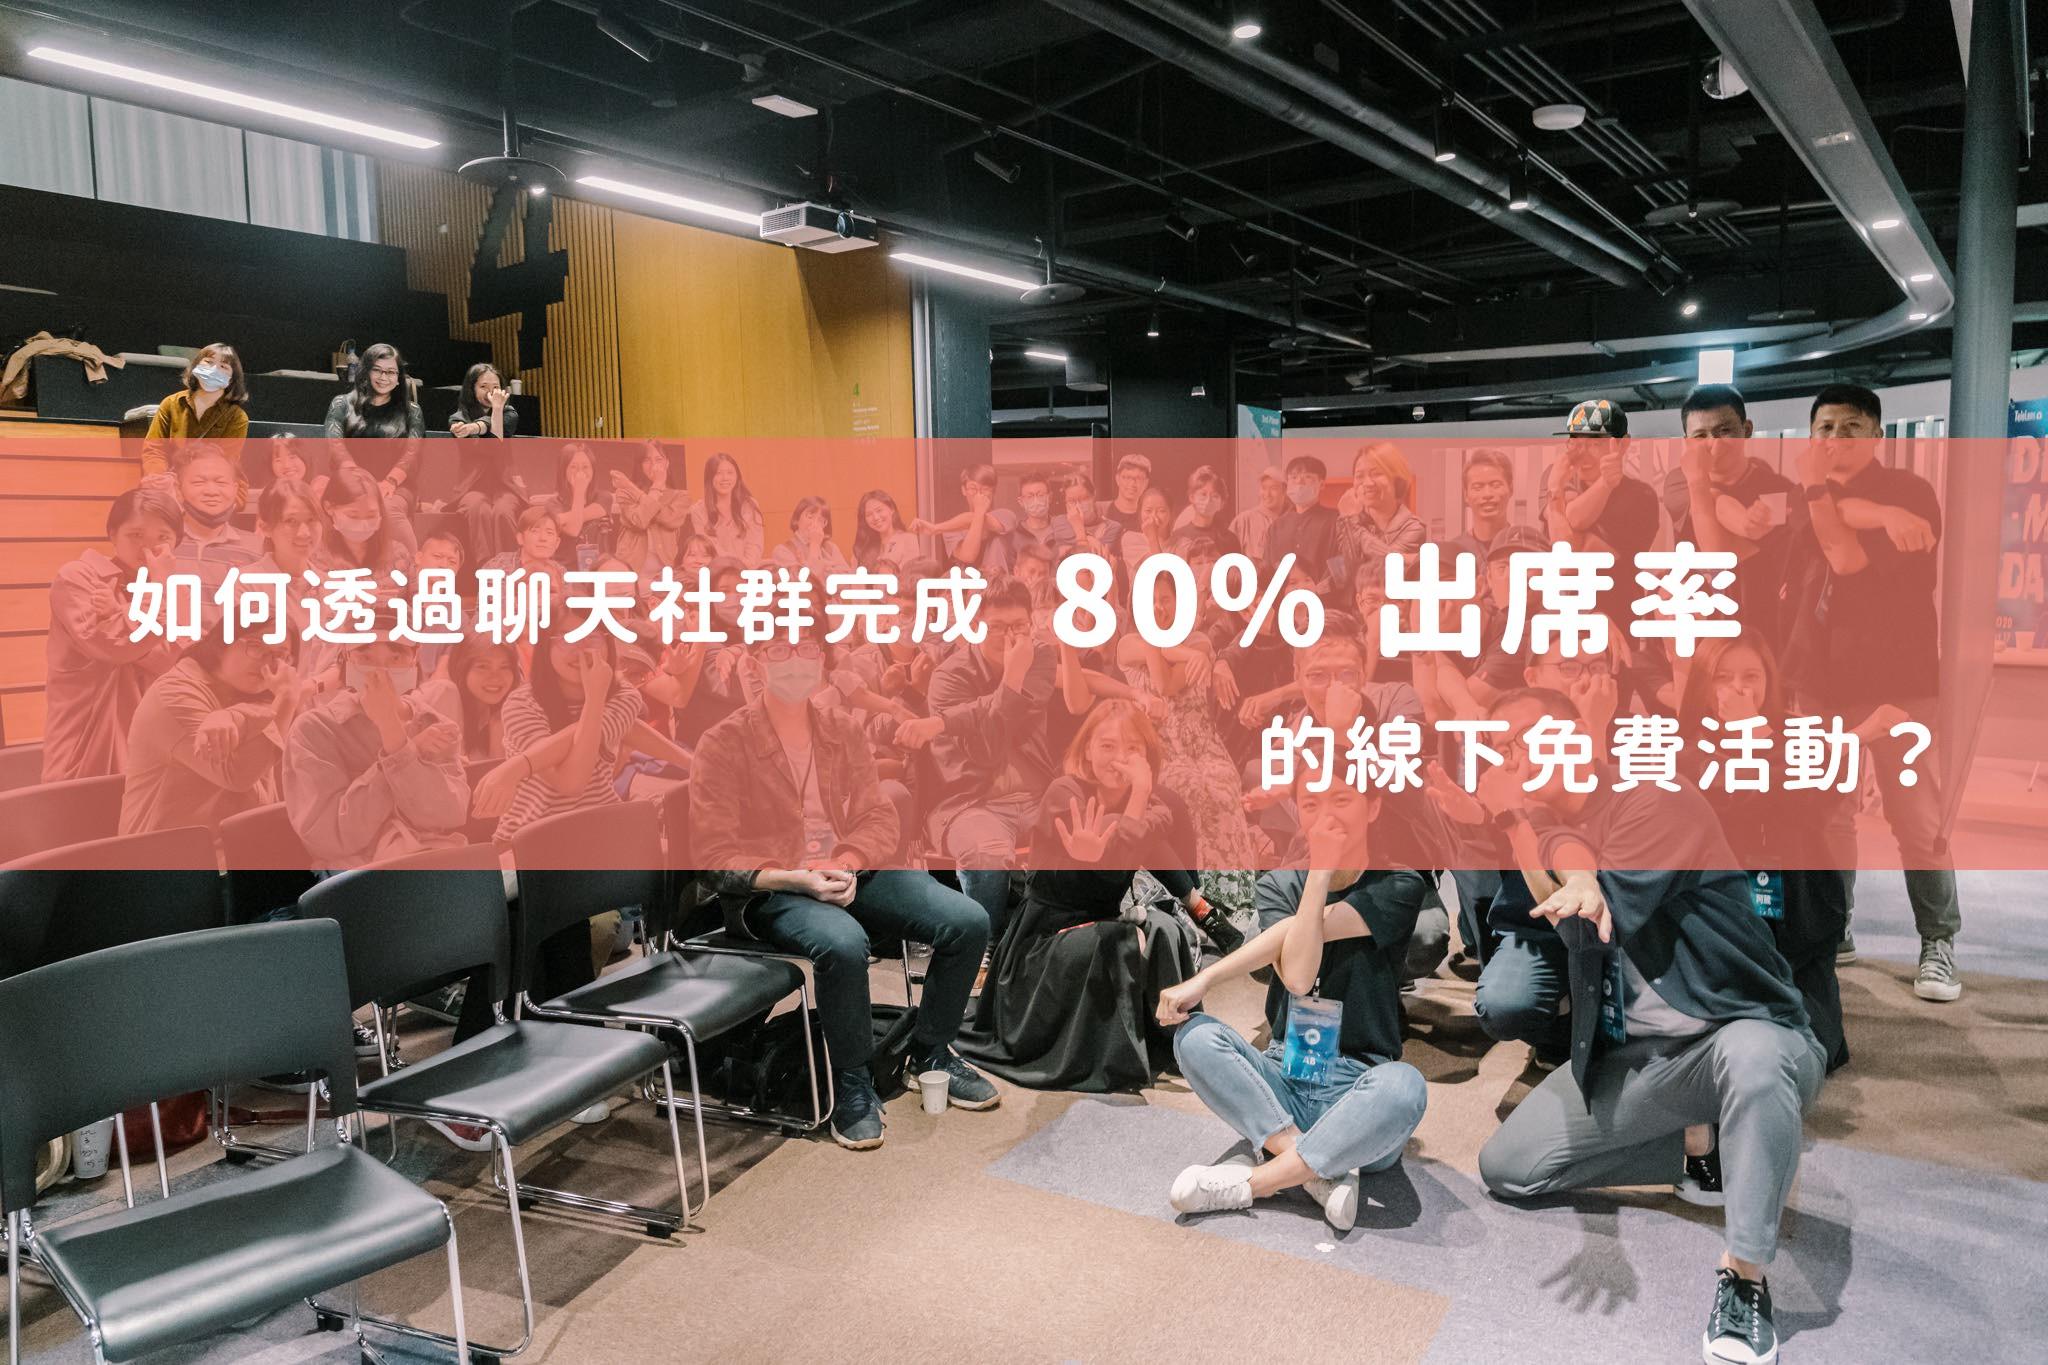 聊天社群完成80%出席率的線下免費活動